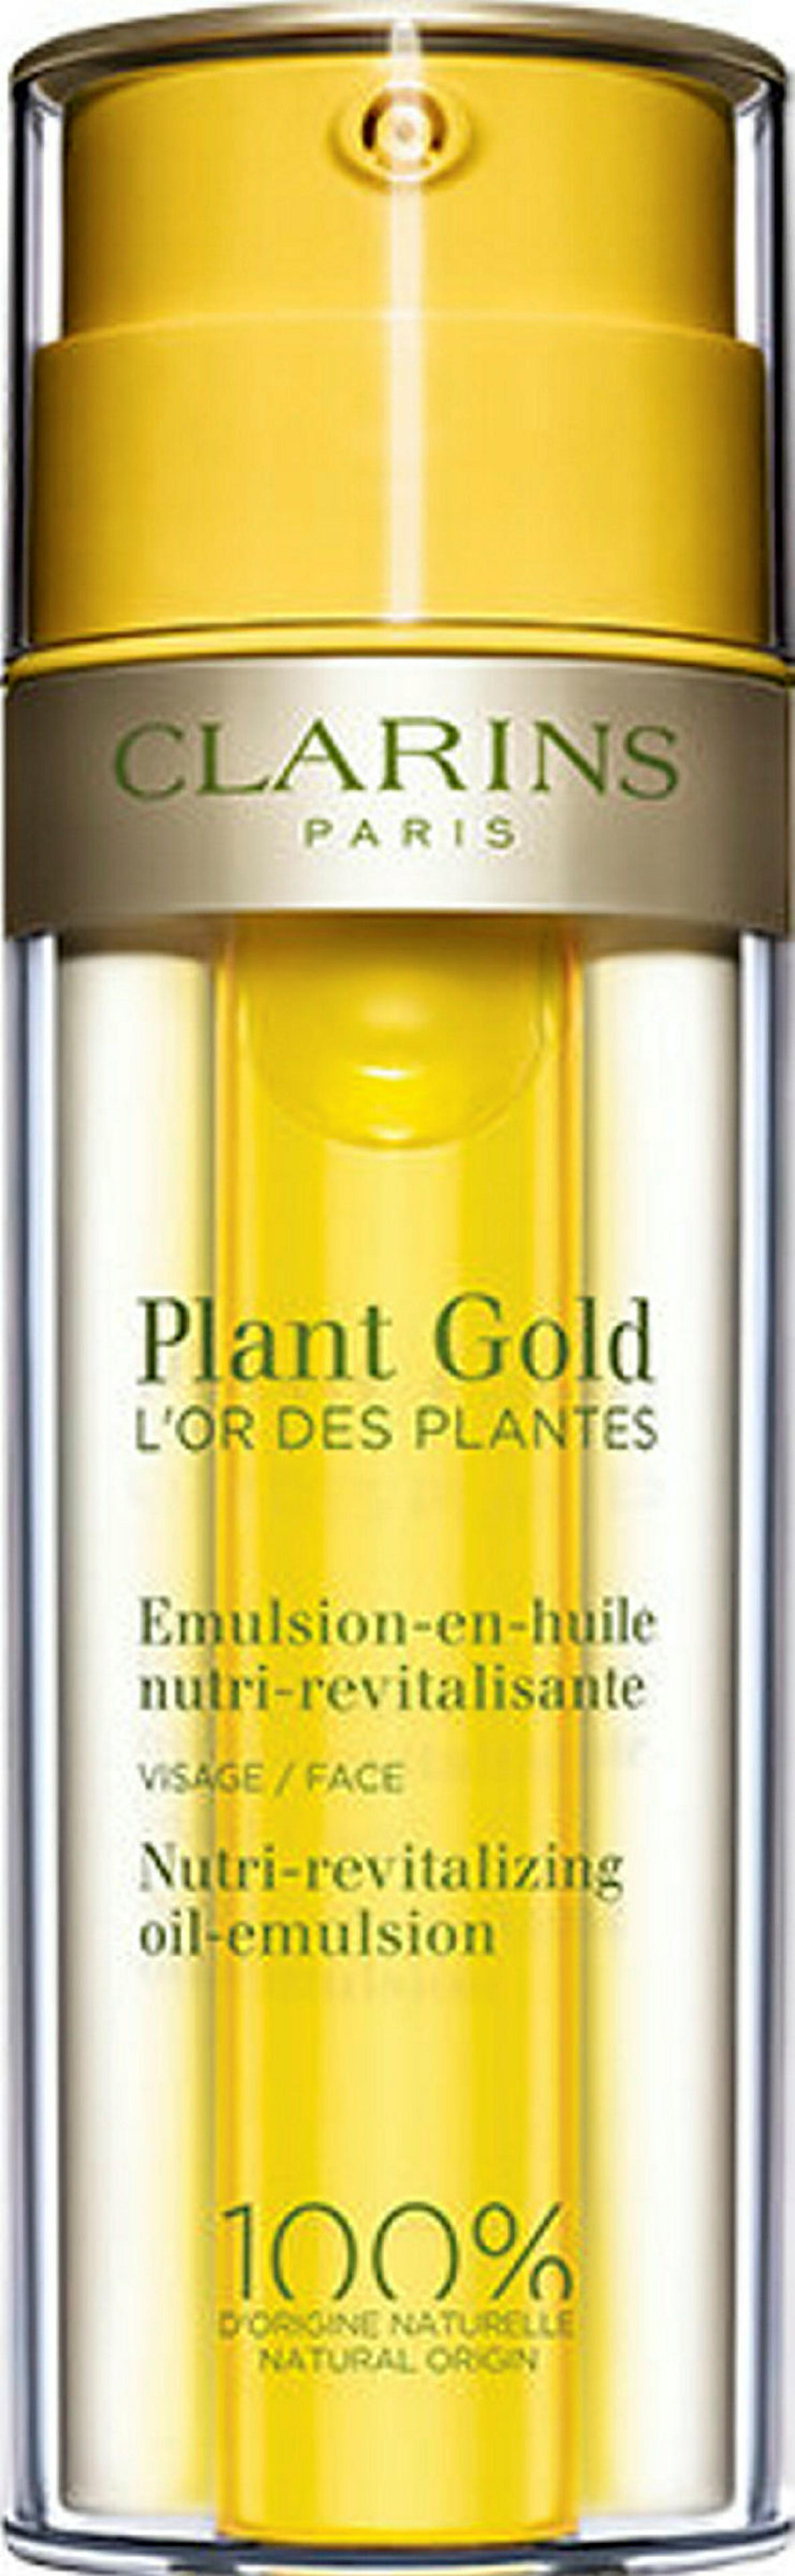 Plant Gold frá Clarins.